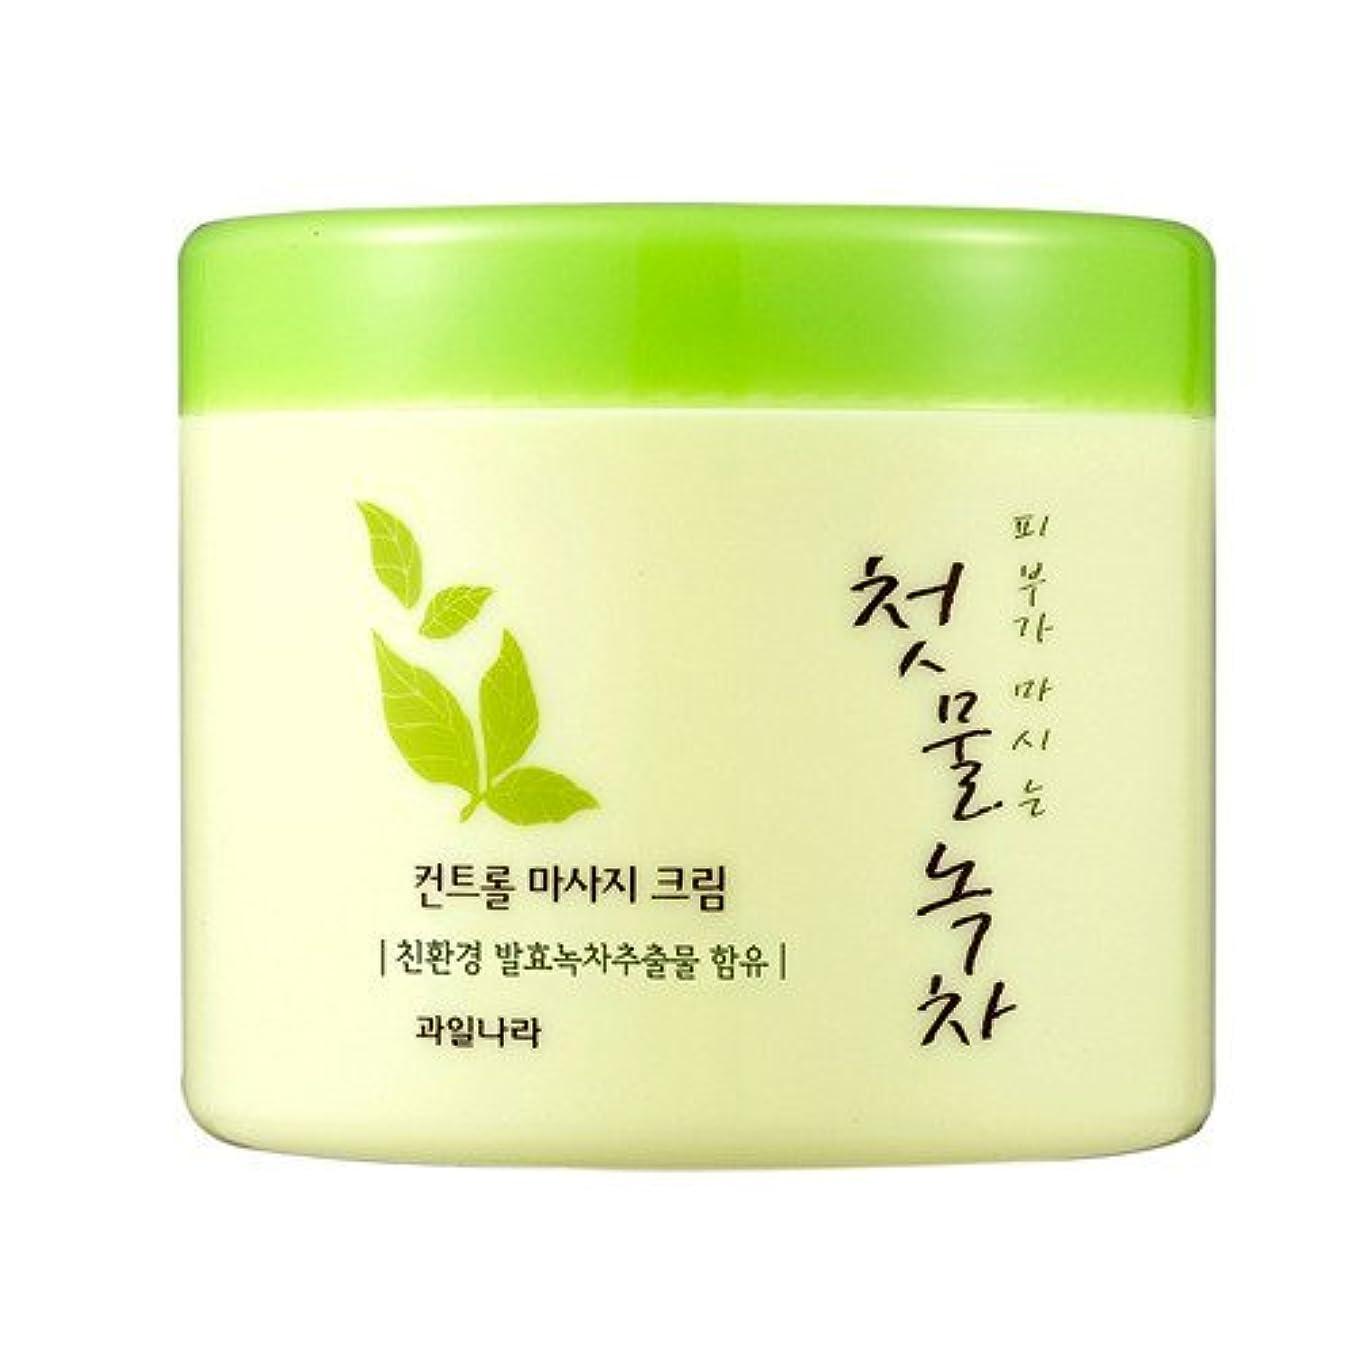 憎しみ権限秋welcos[ウェルコス] コントロールマッサージクリーム300ml/First Green Tea Control Massage Cream 300ml [並行輸入品]